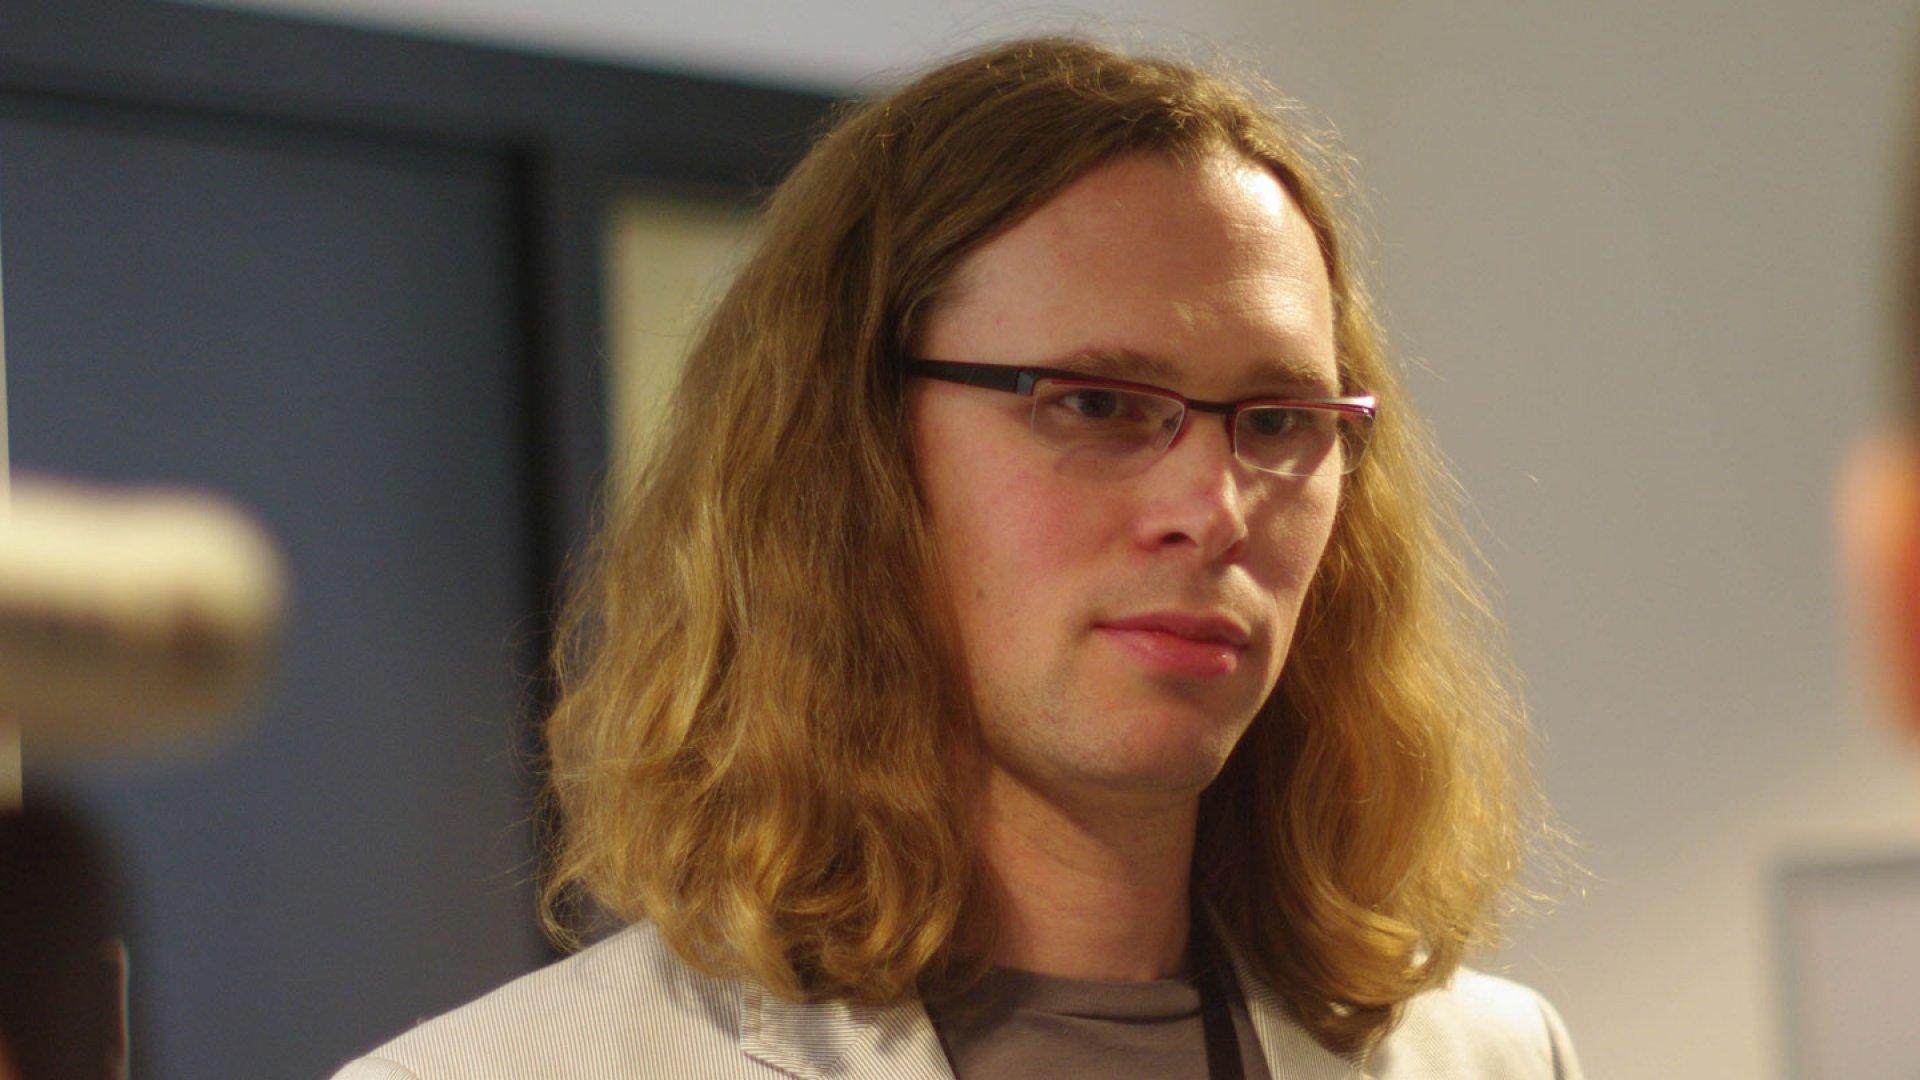 Bebo founder Michael Birch